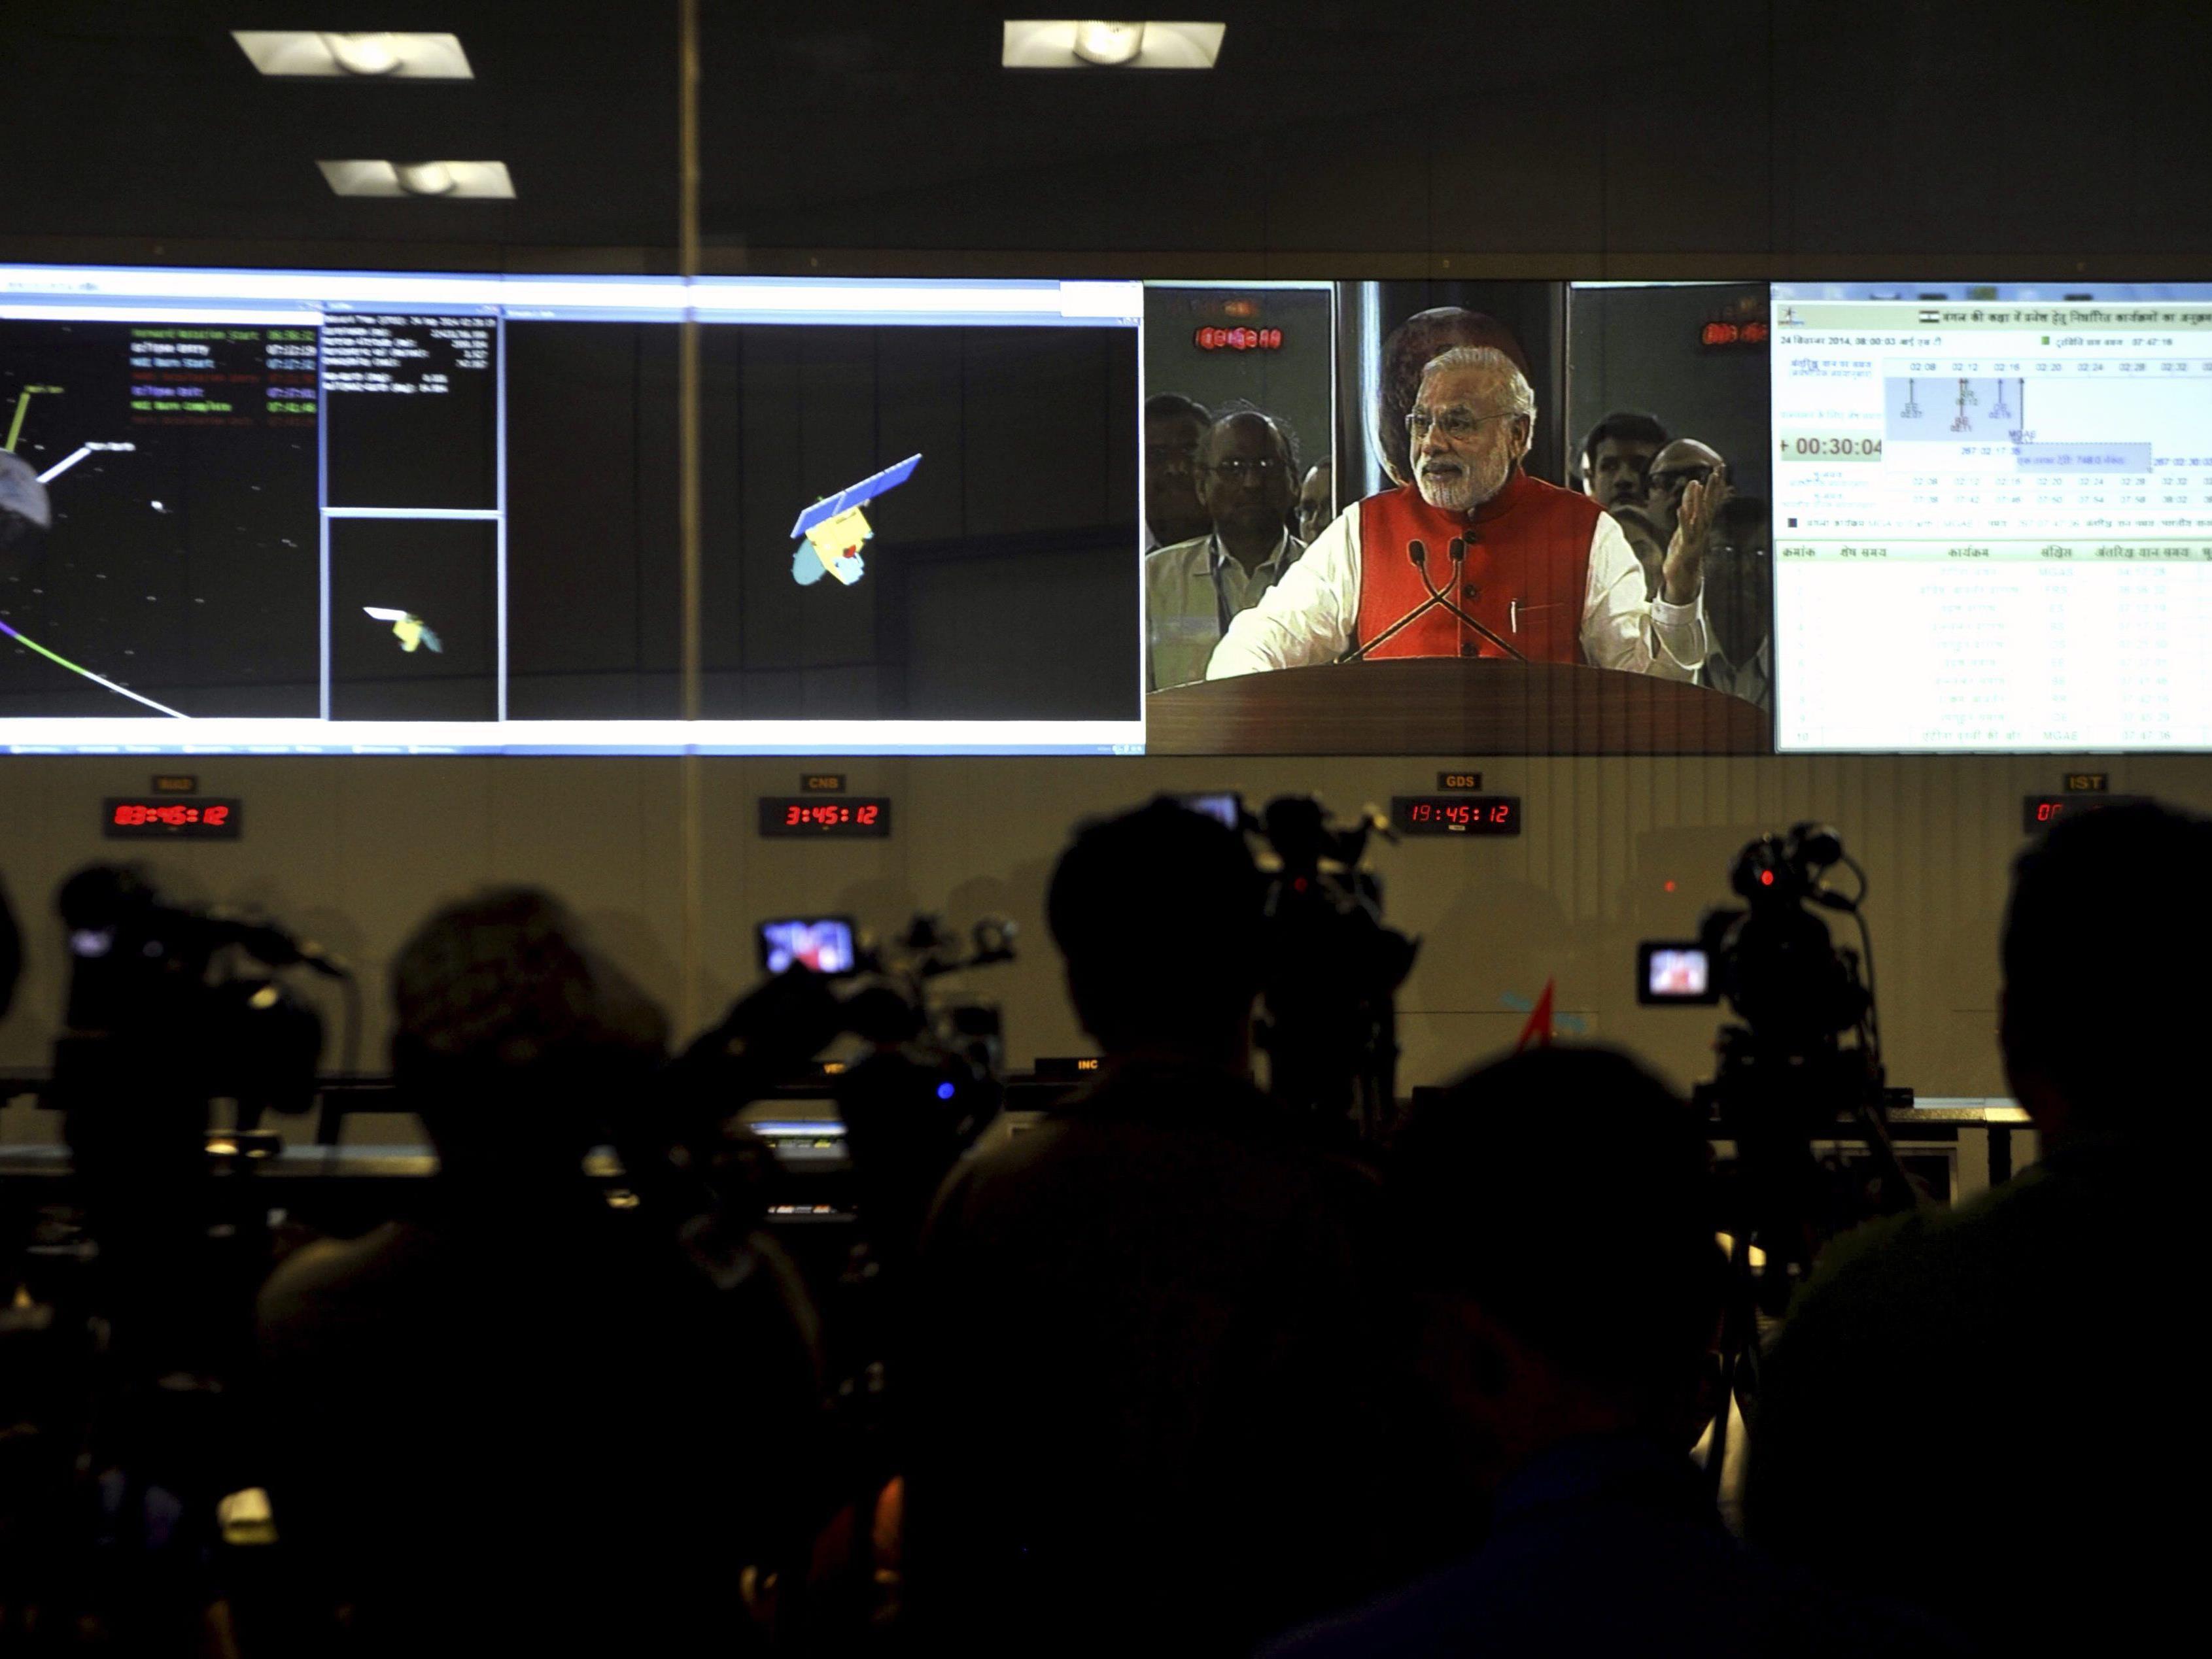 """Indische Weltraumsonde """"MOM"""" erreichte Mars-Umlaufbahn"""